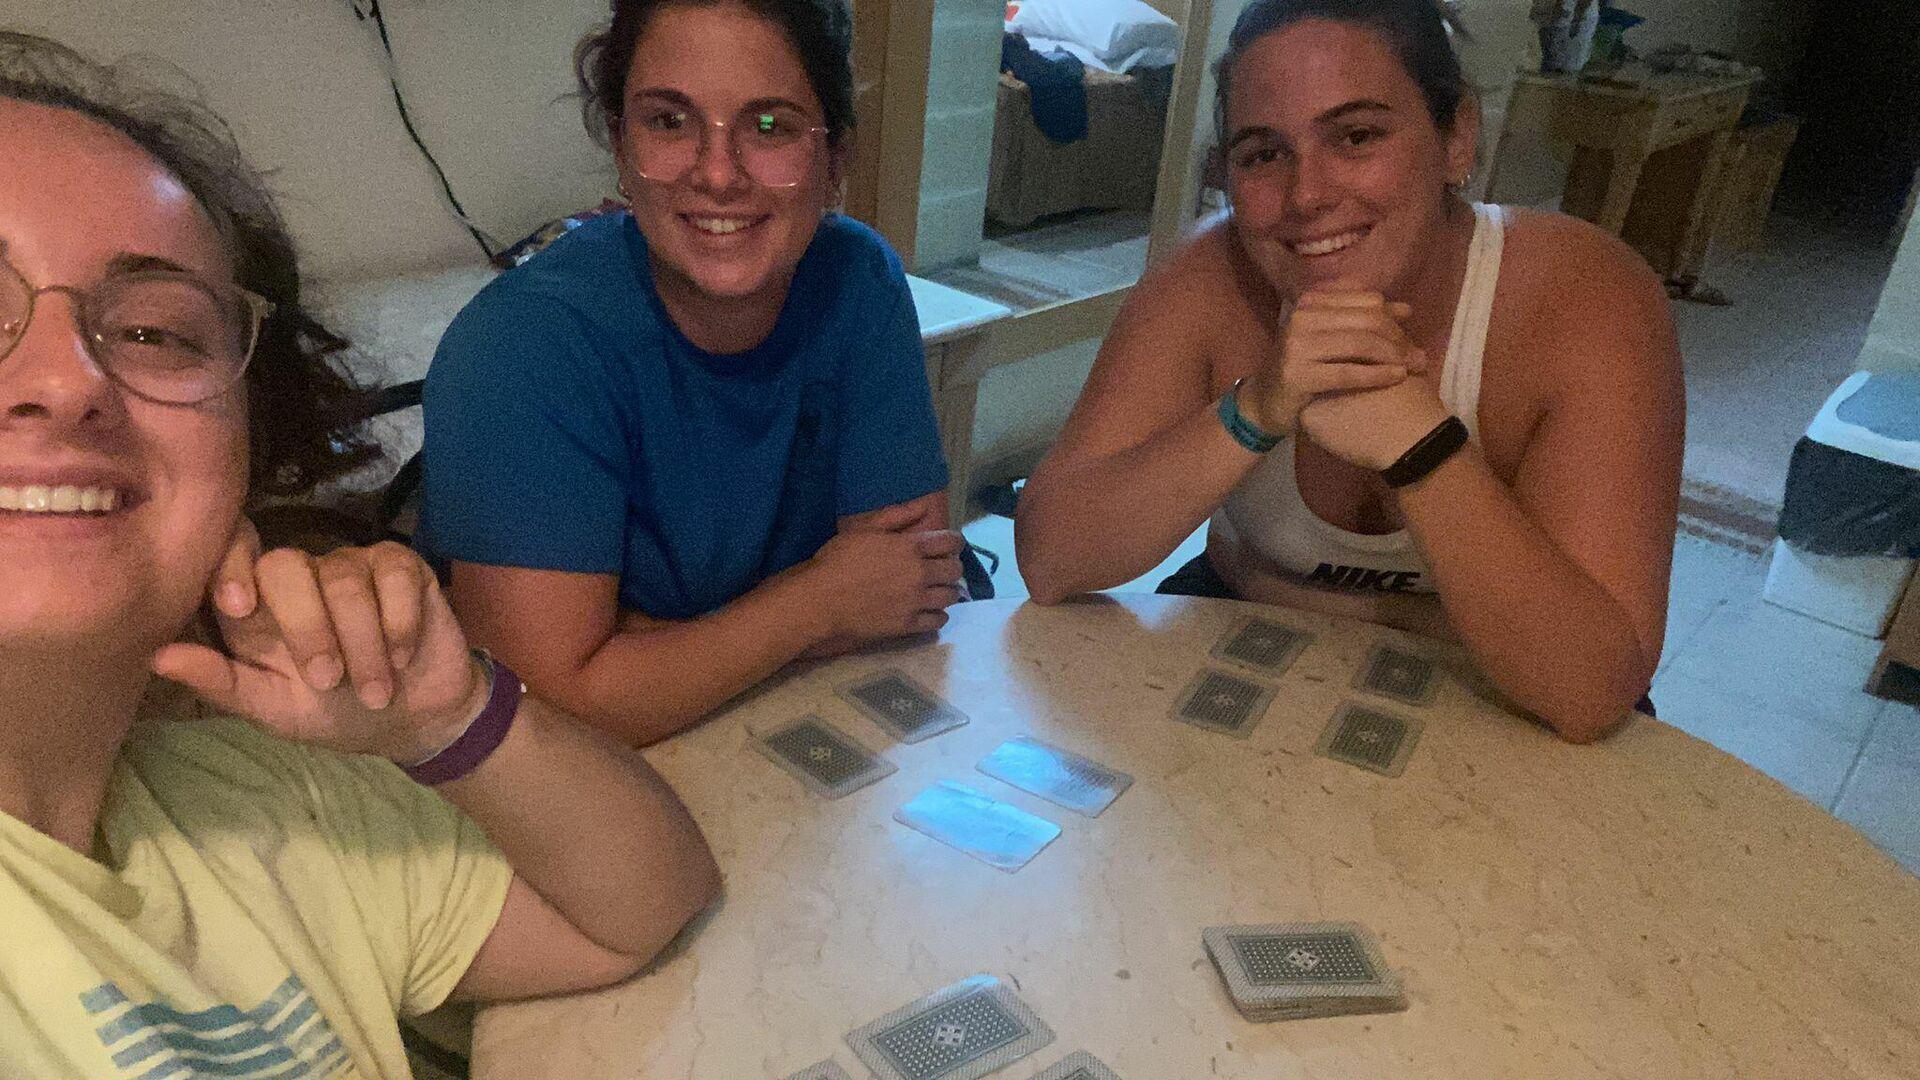 Aina junto a sus compañeras de habitación jugando a las cartas durante la cuarentena en Malta - Sputnik Mundo, 1920, 02.07.2021